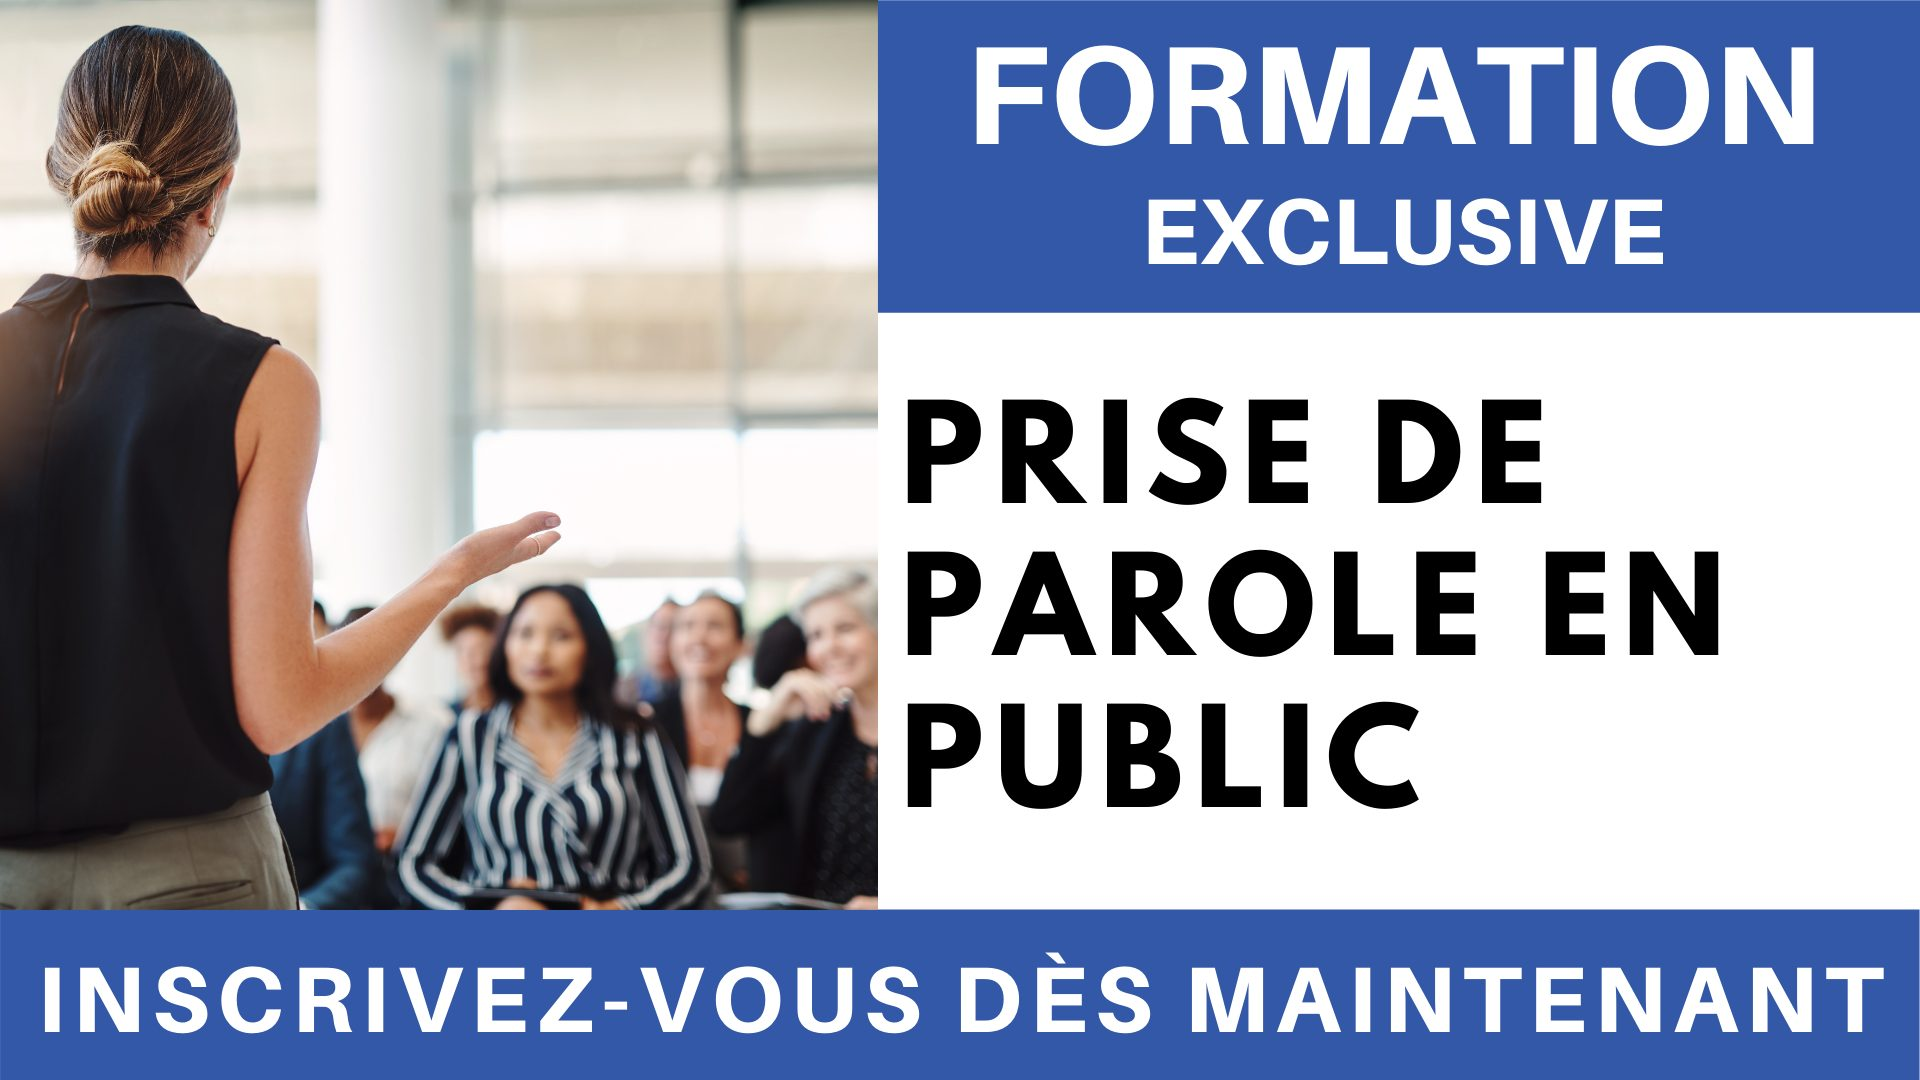 Formation Exclusive - Prise de parole en public